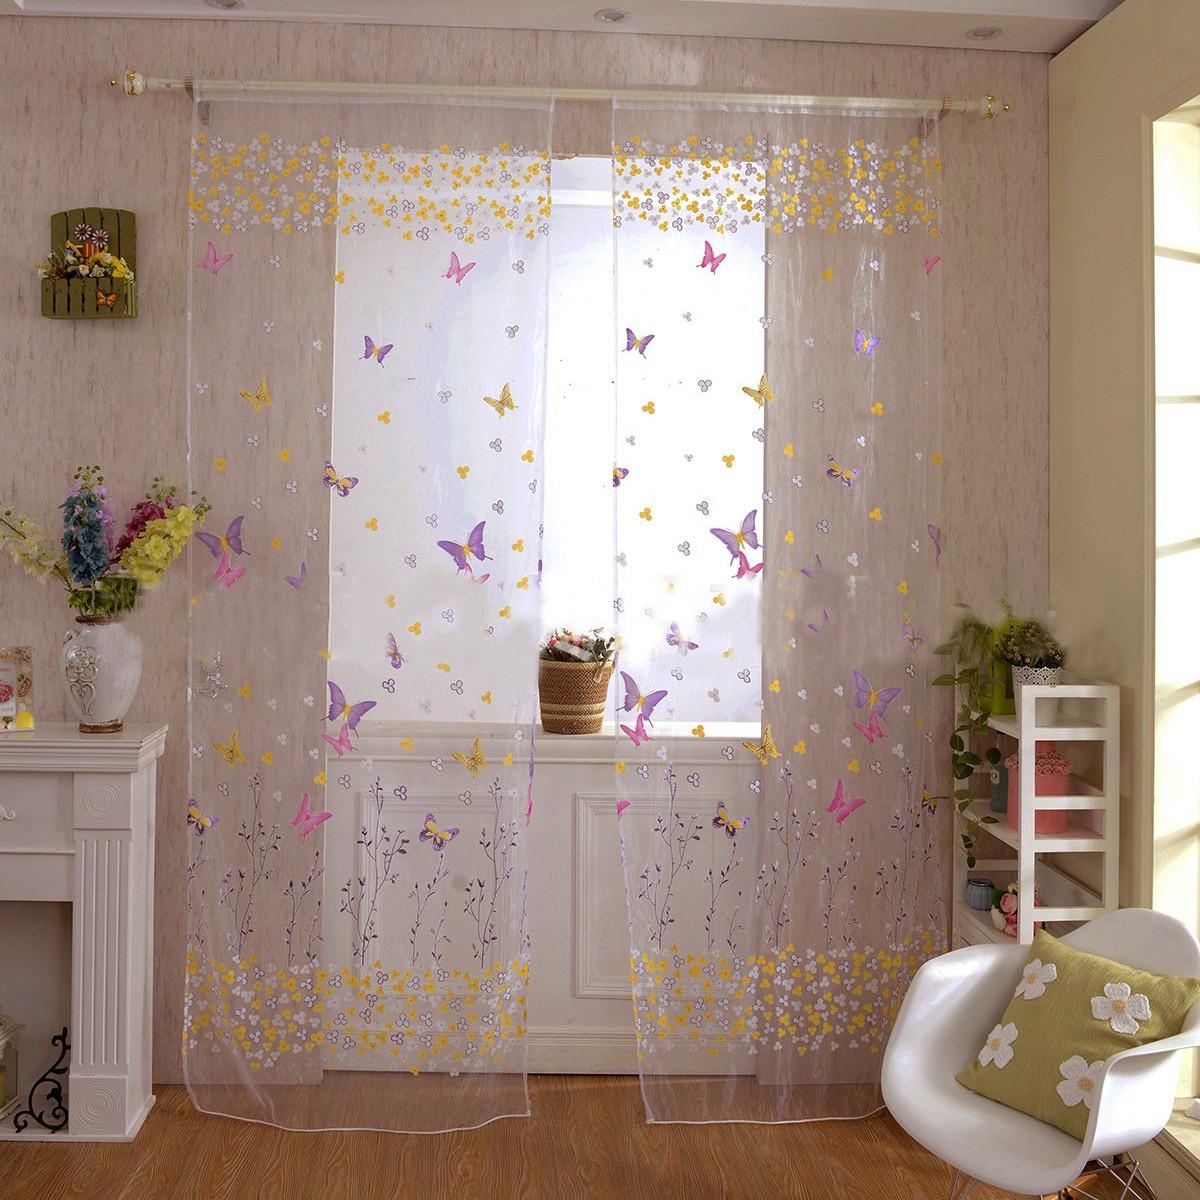 Rideau Fenêtre Porte Papillon Voilage Fleur Fil Décor Maison serapportantà Wish Rideaux Occultant